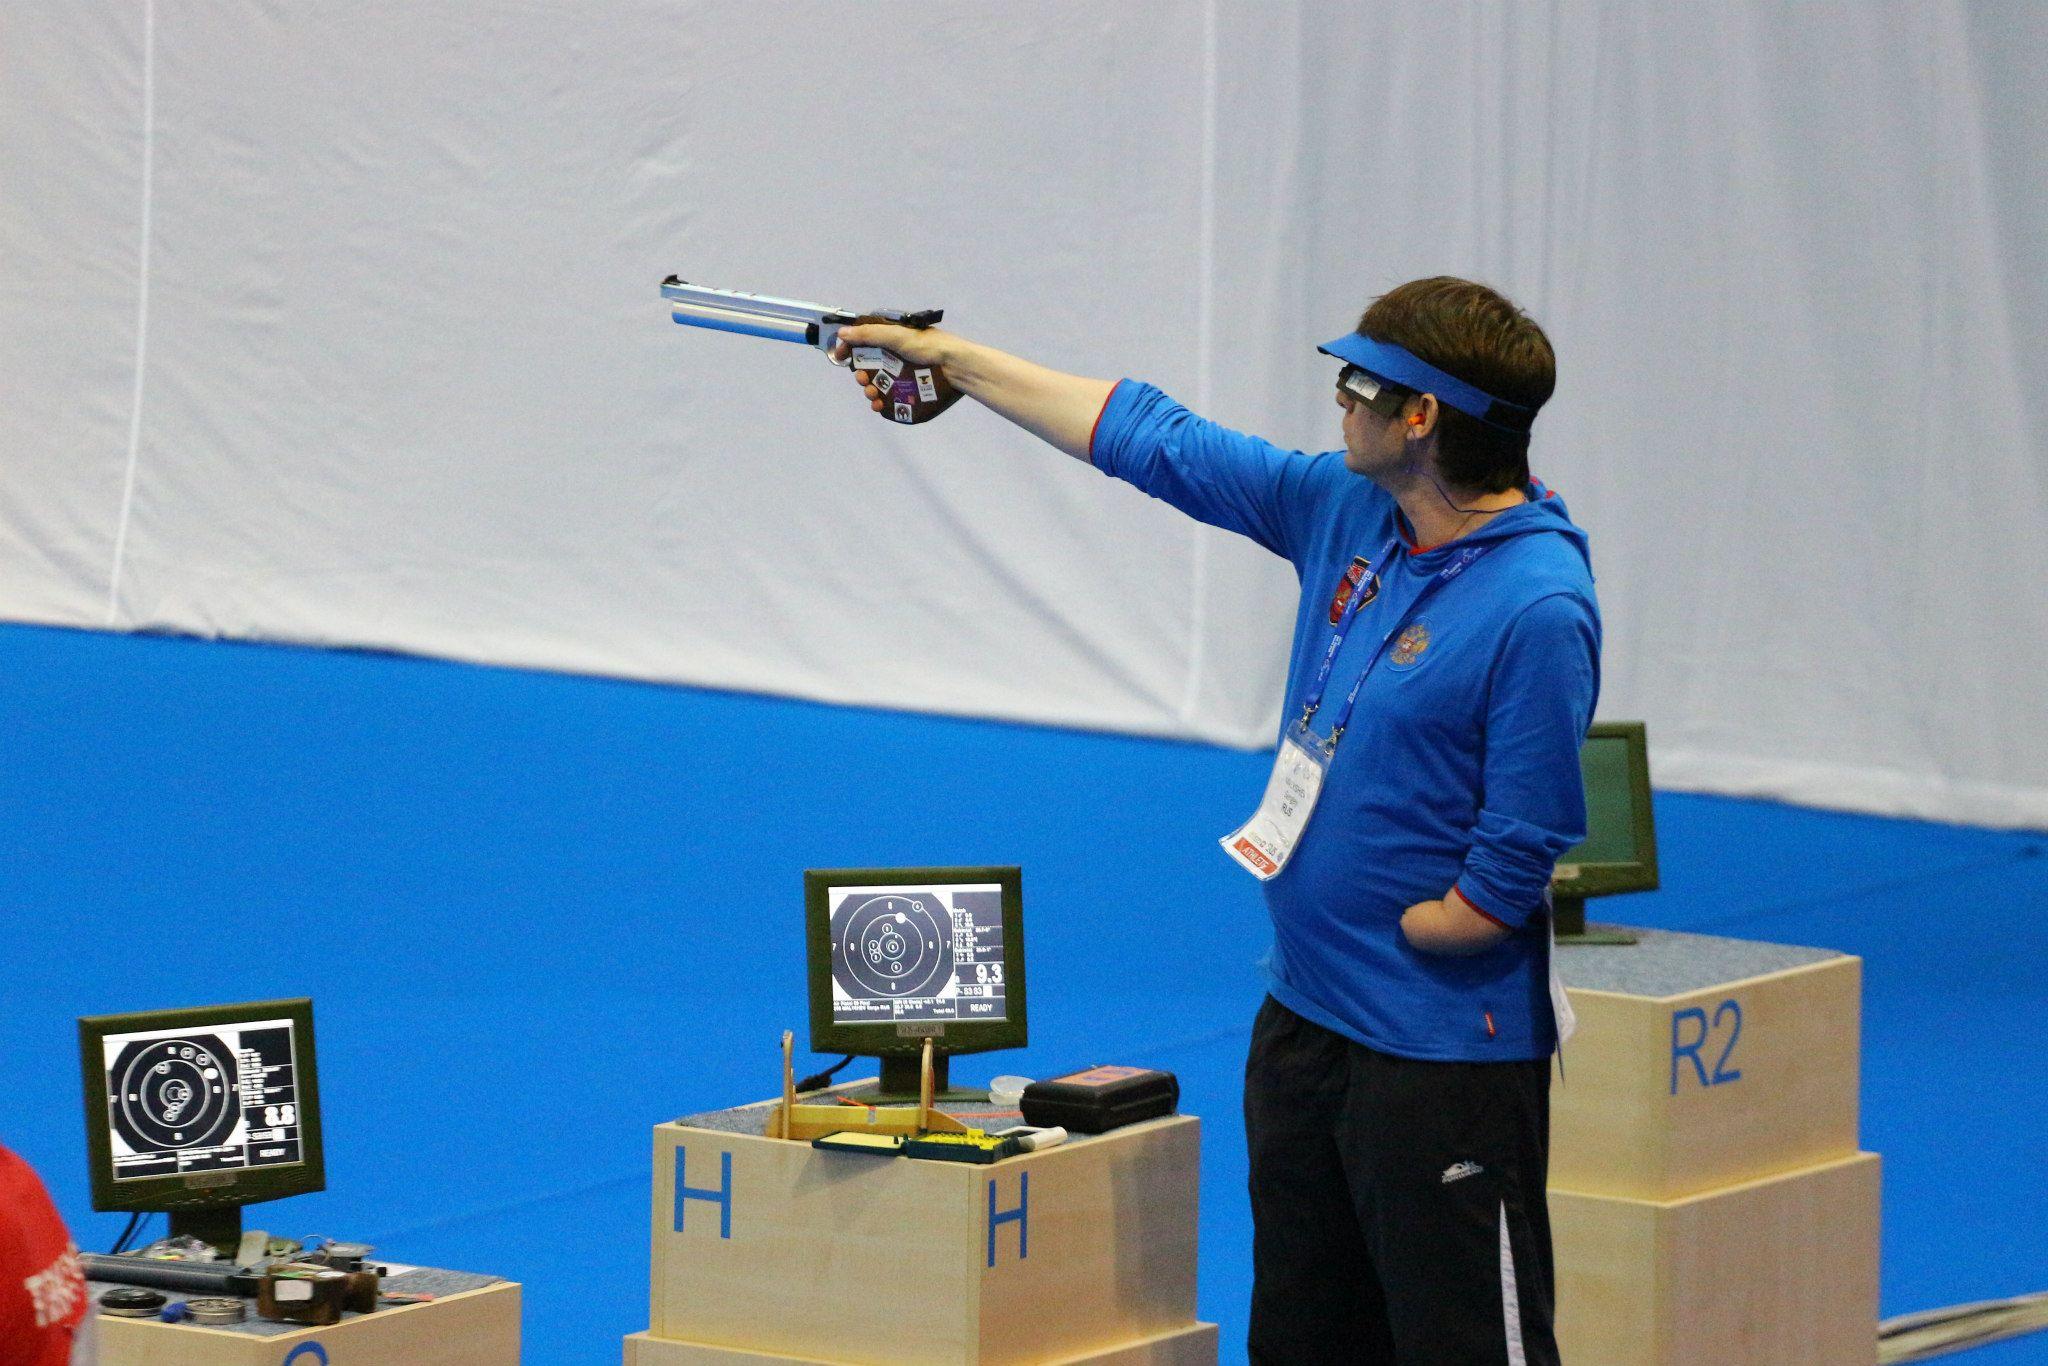 Сборная России завоевала 9 медалей на Кубке мира по пулевой стрельбе спорта лиц с ПОДА в Хорватии